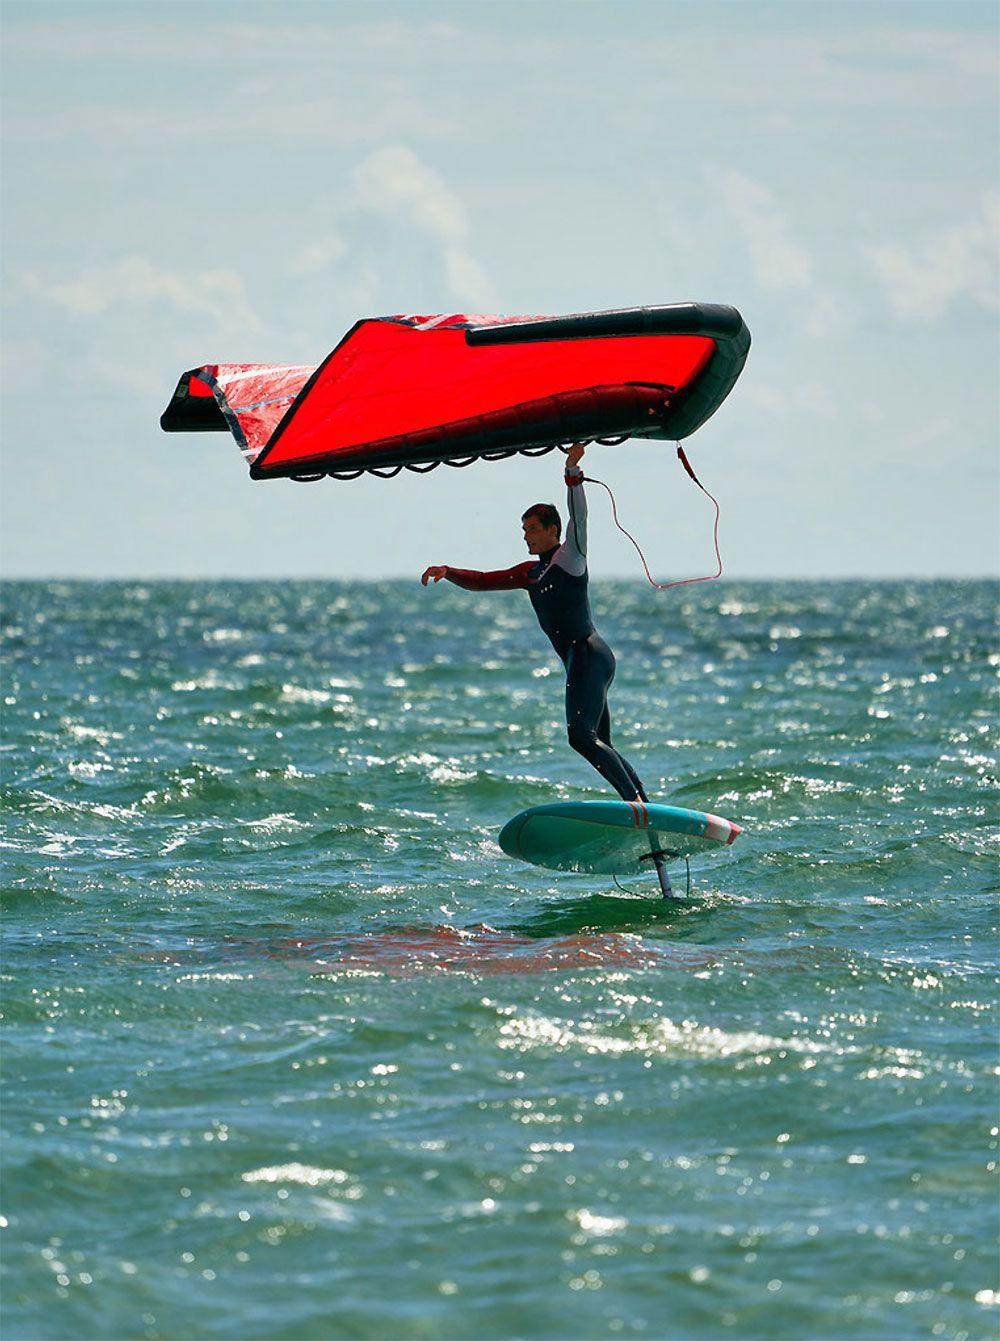 Gong Wing Foil Les Nouvelles Ailes Enfin Disponibles Foil Magazine Toute L Information Du Foil Ou Hydrofoil Kitesurf Planche A Voile Gongs